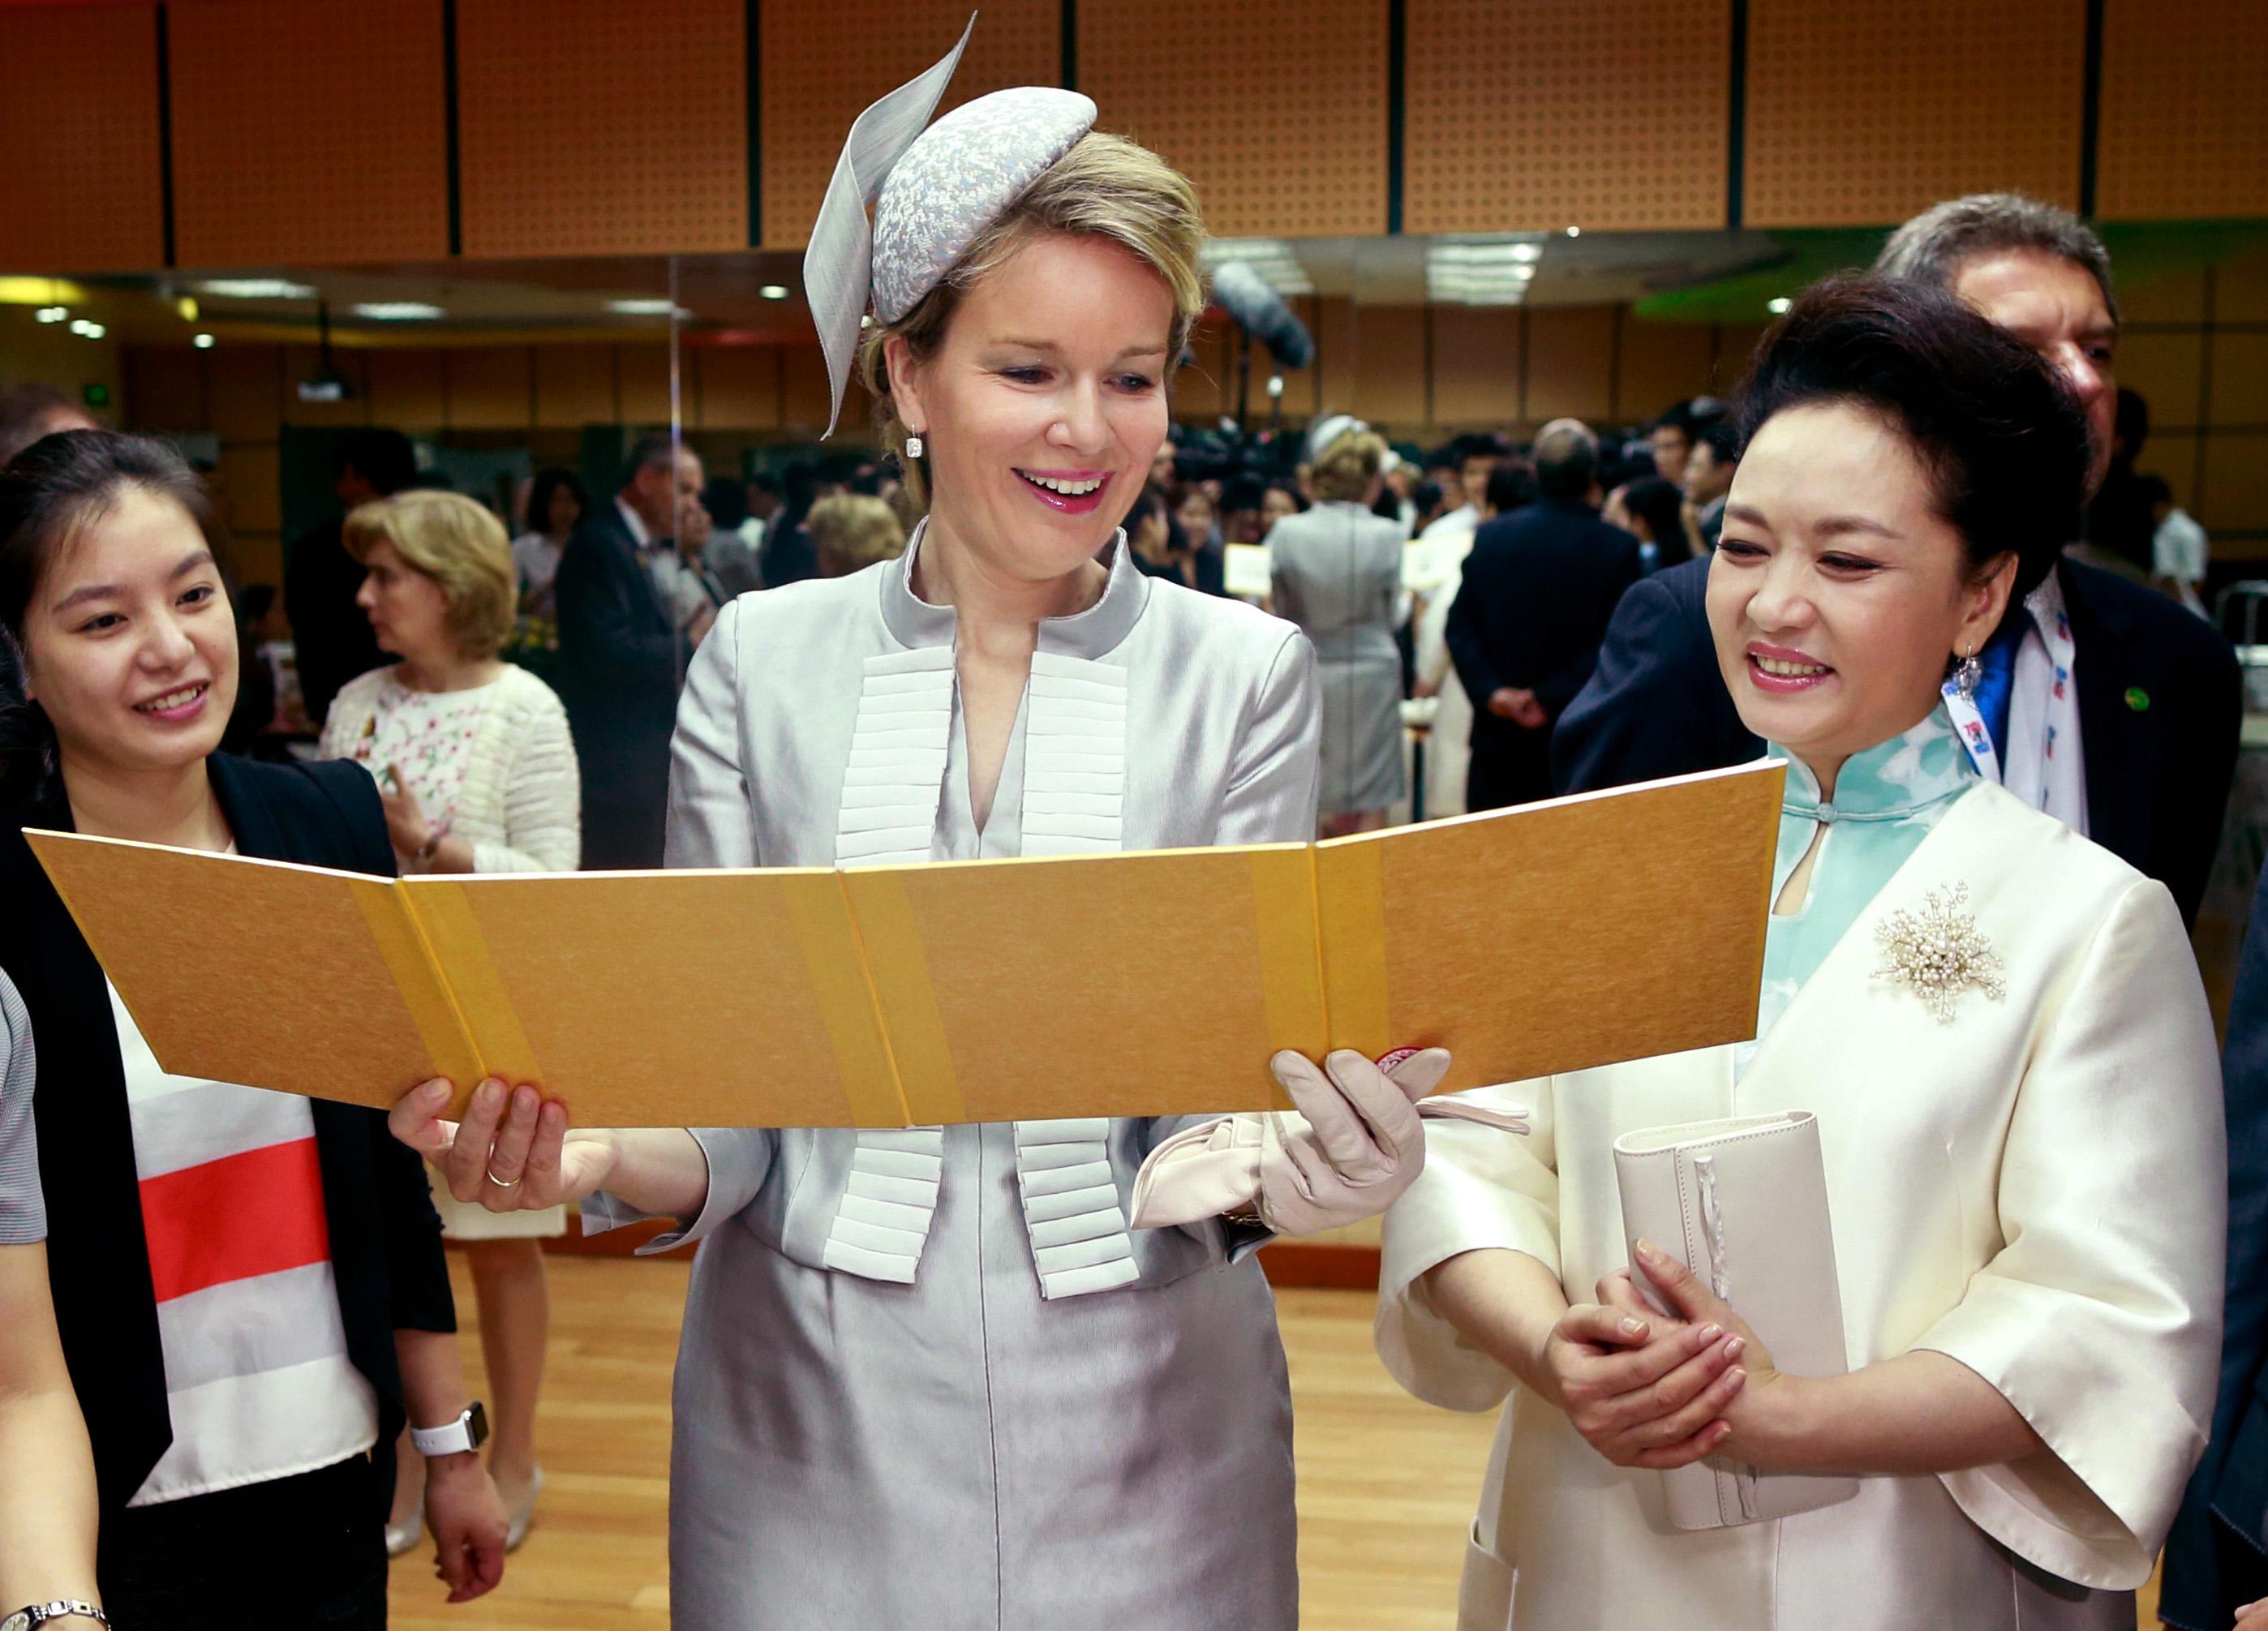 彭丽媛和比利时王后参观北京启喑实验学校